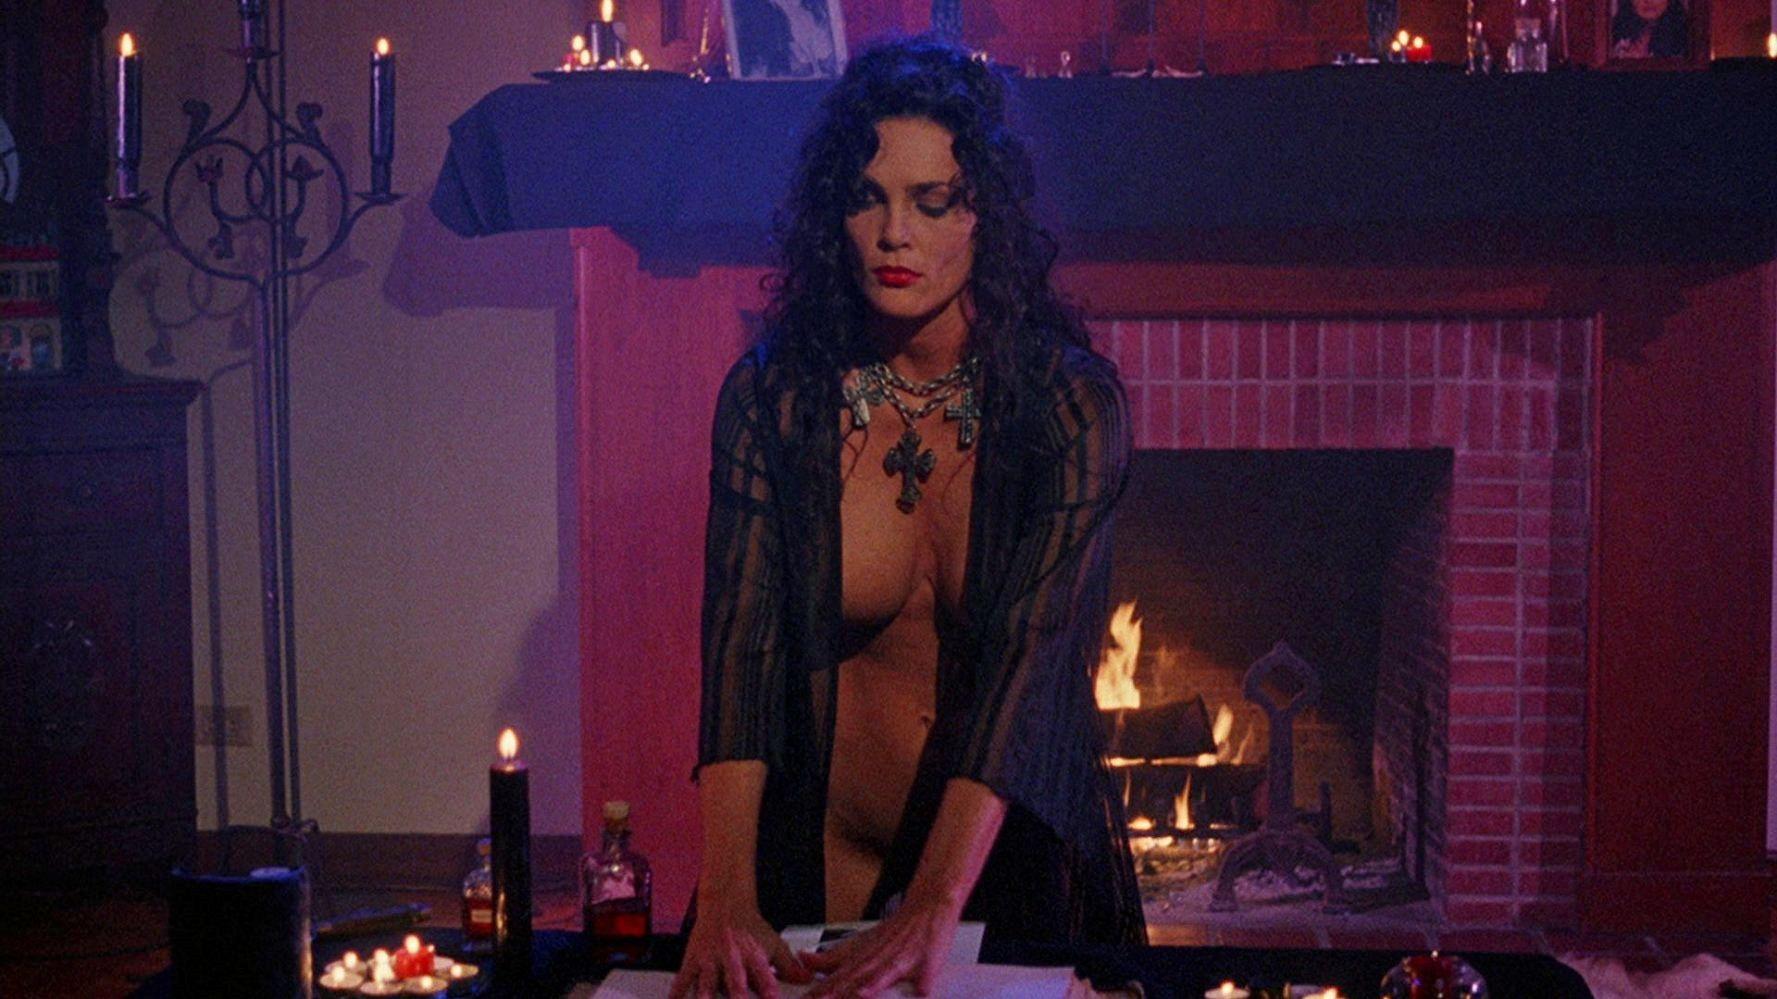 Julie Strain conducts a ritual in Sorceress (1995)